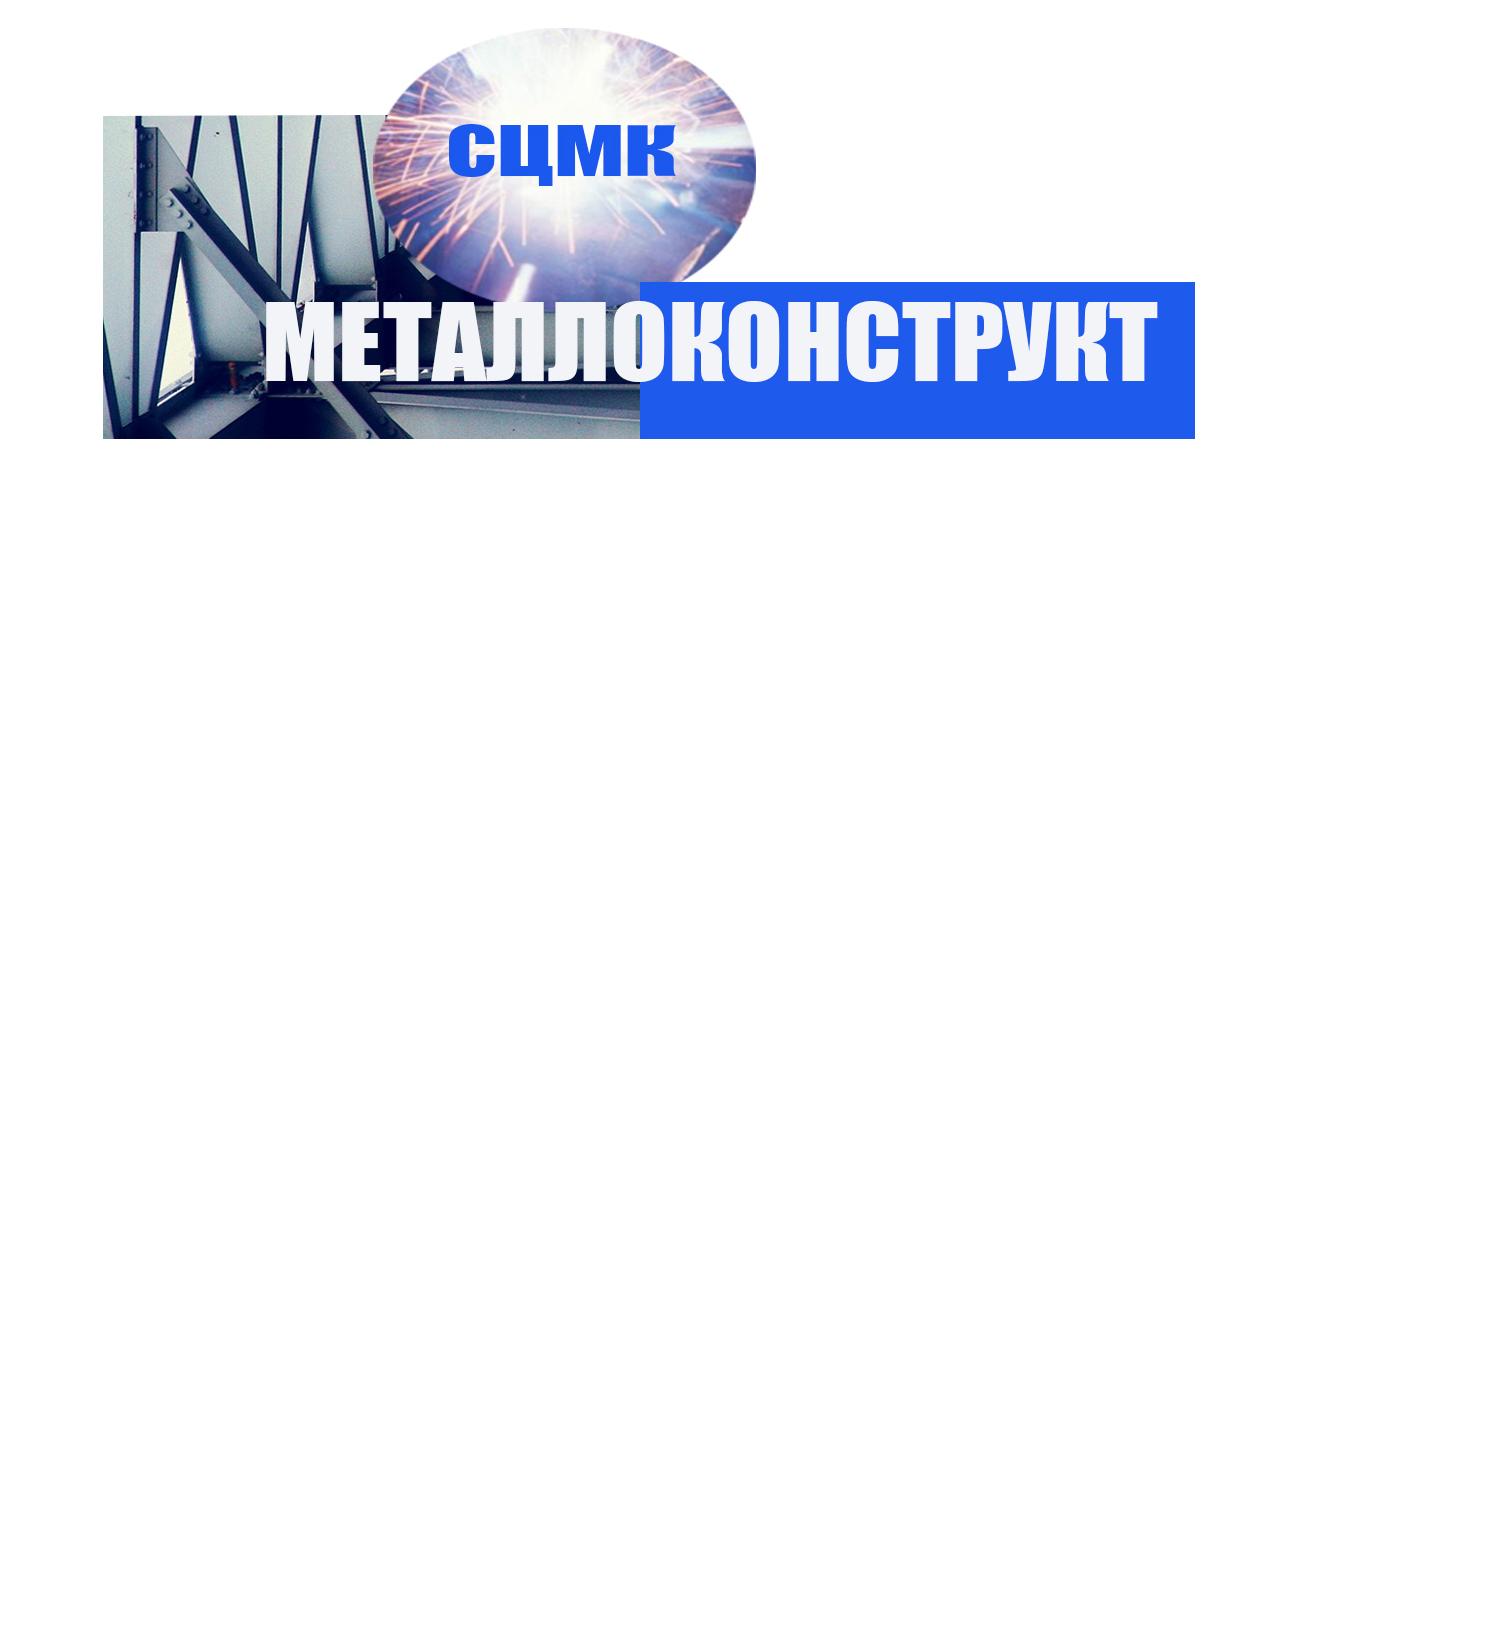 Разработка логотипа и фирменного стиля фото f_4275ad757adb1c04.jpg